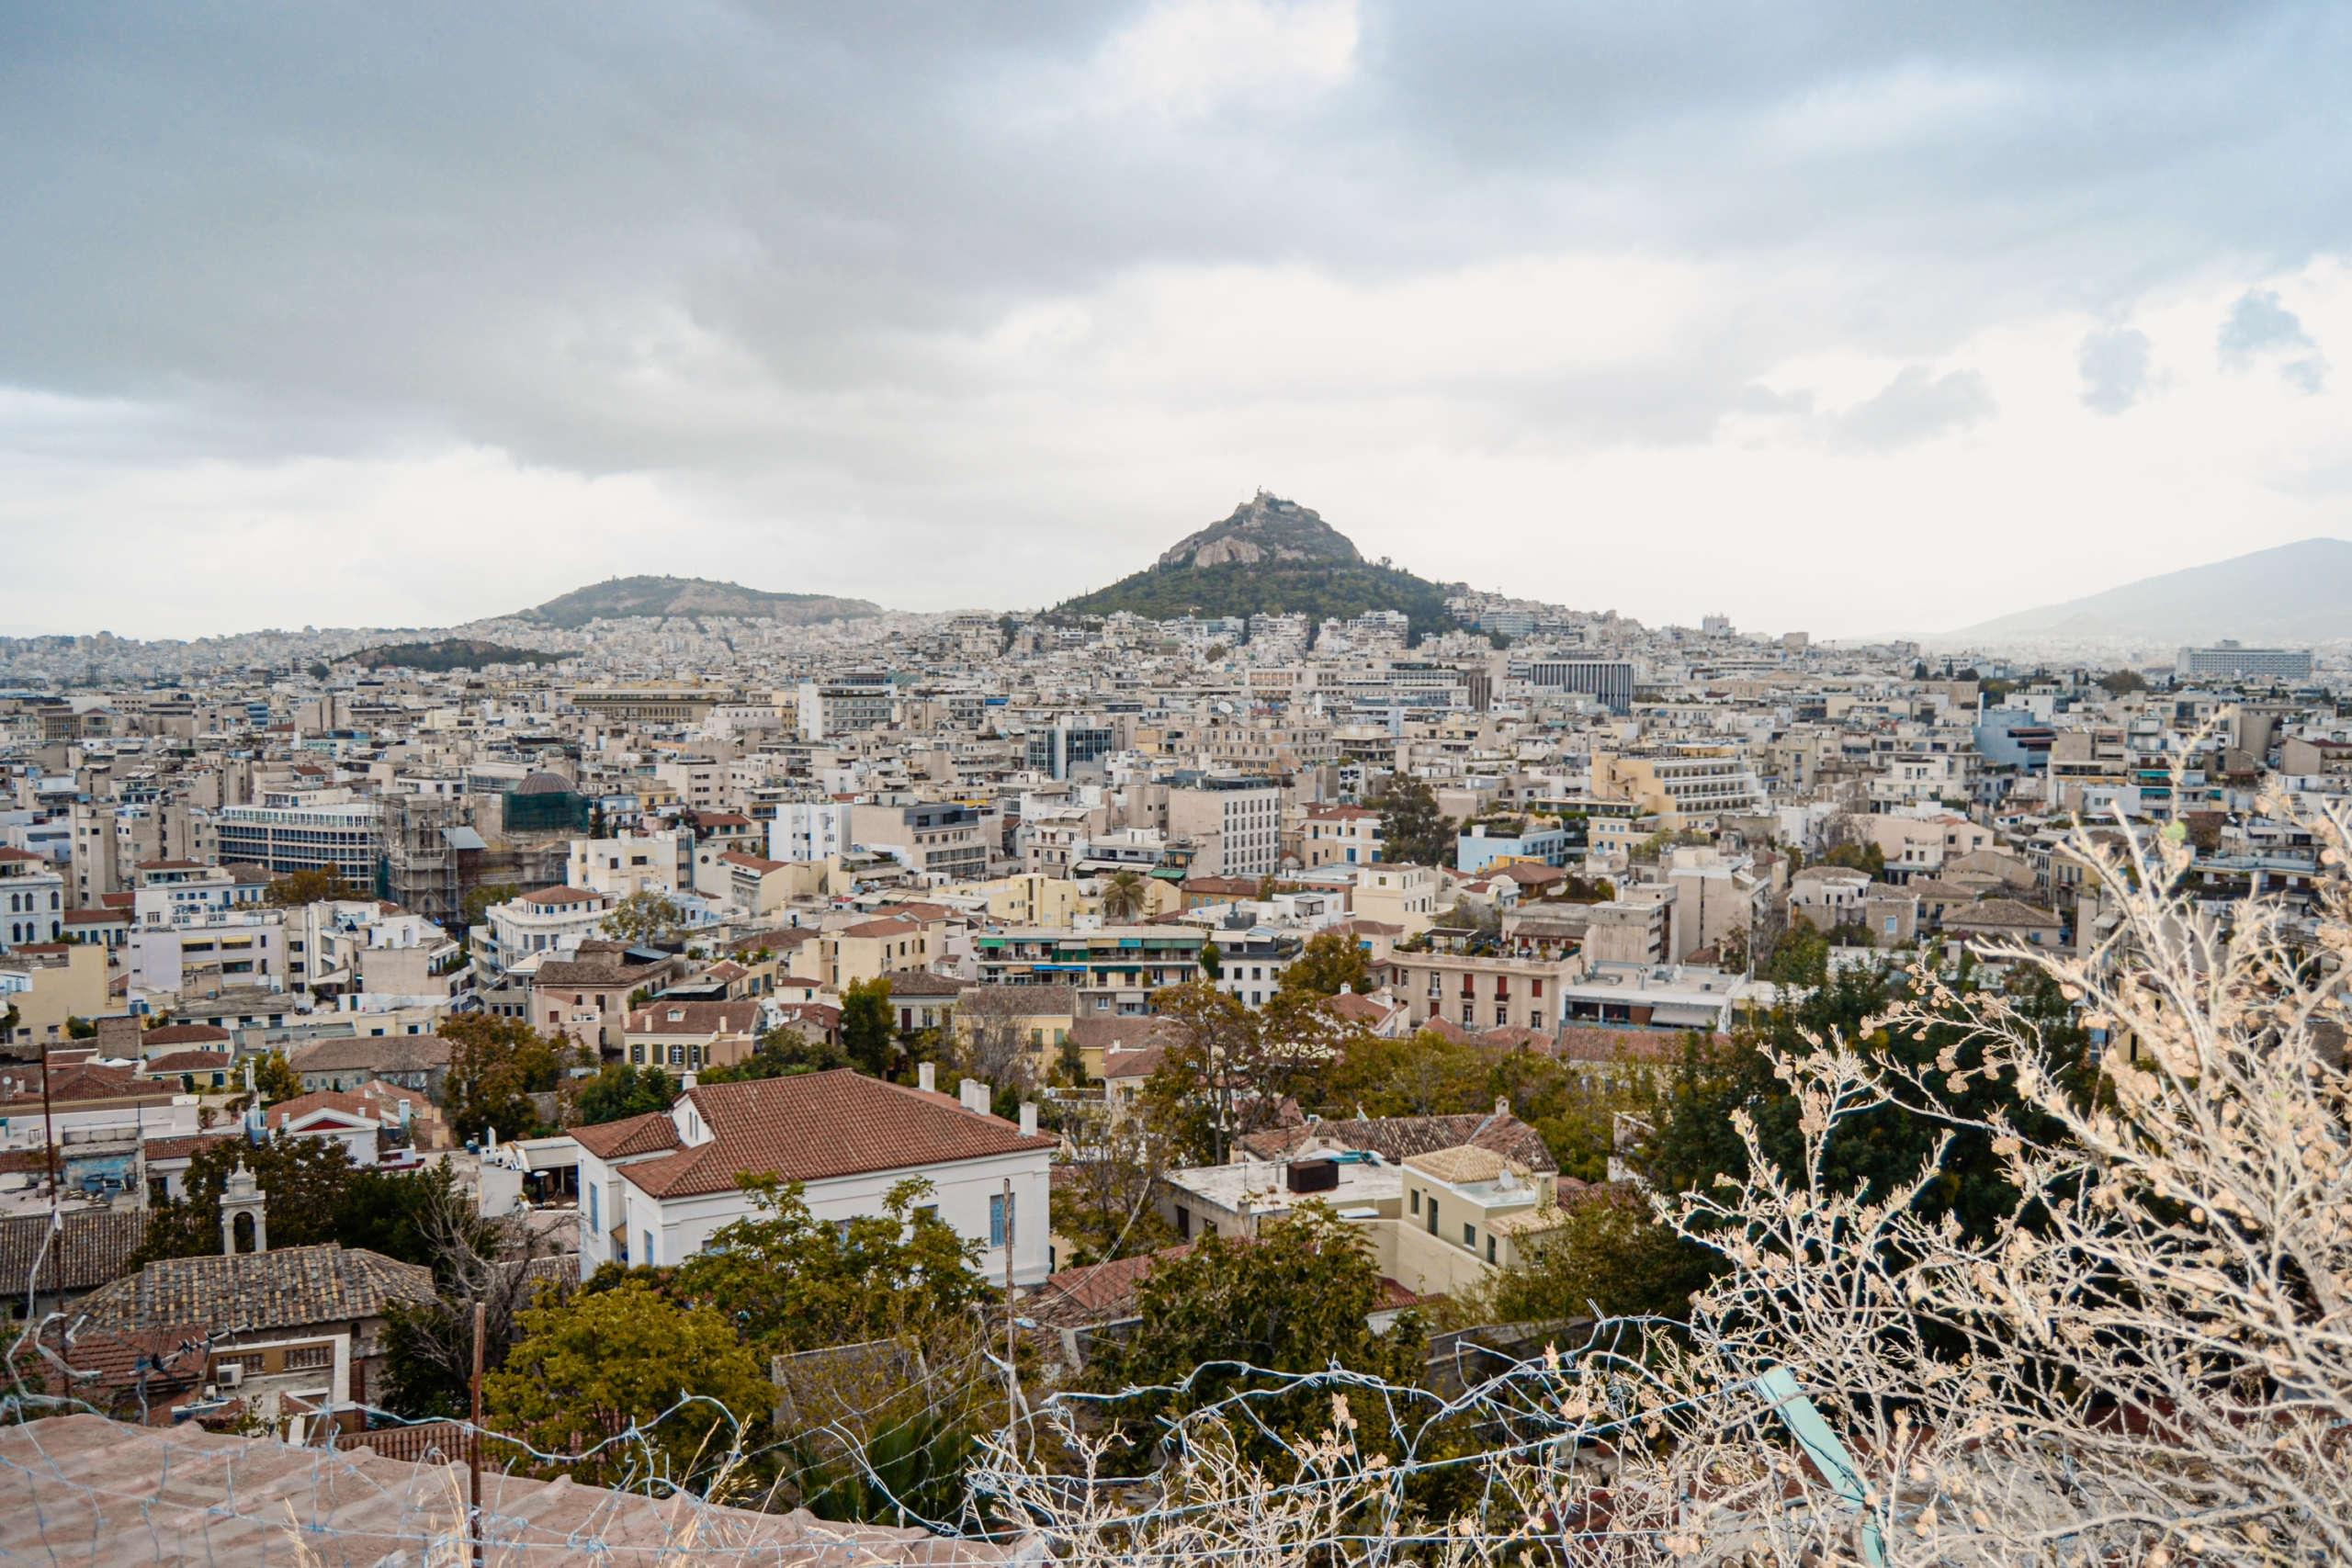 Skyline von Athen, Blick über Häuser und einen Berg i Hintergrund.